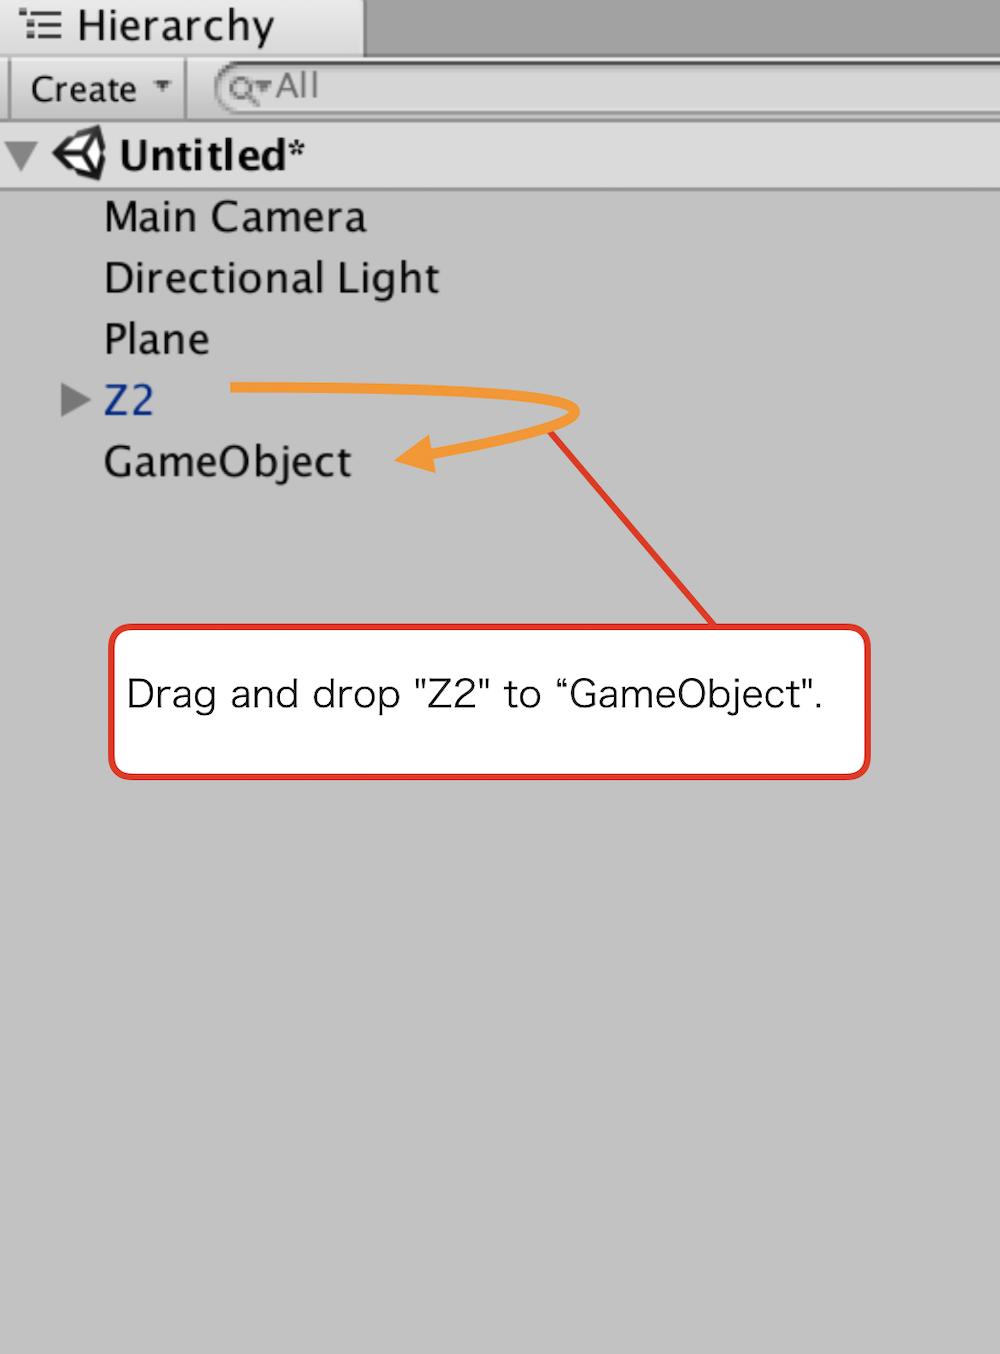 空の 「GameObject」に「Z2」をドラッグ & ドロップ